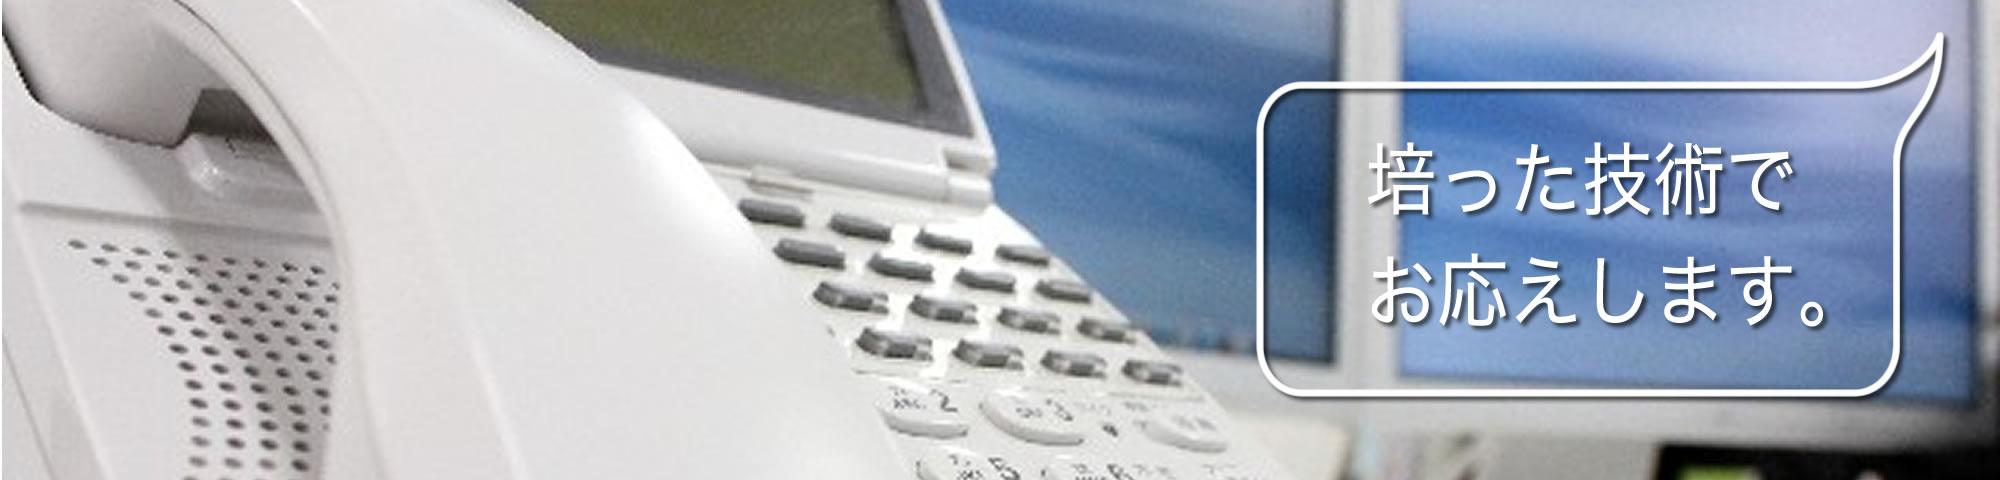 仙台でホームページ制作ならスマートフォン対応・WordPress使用のSEO対策・SSL対応が一番